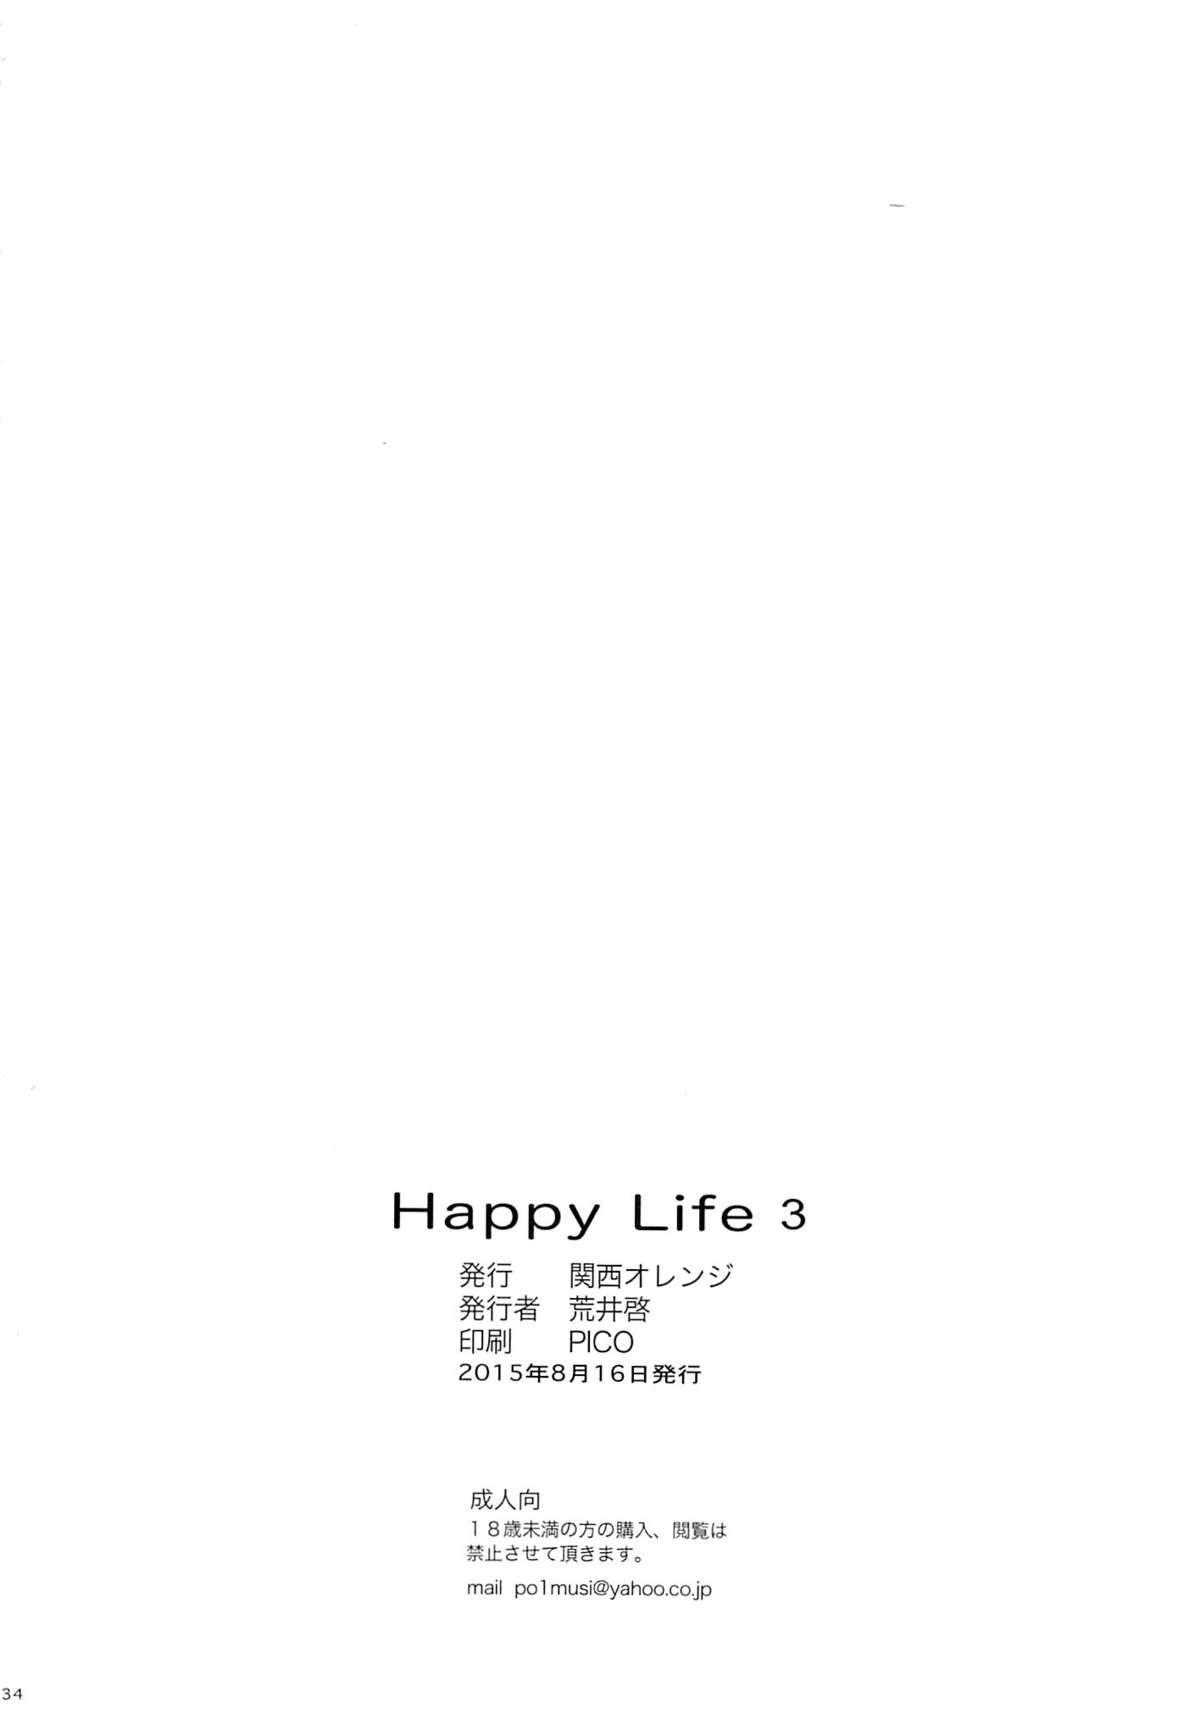 Happy Life3 30